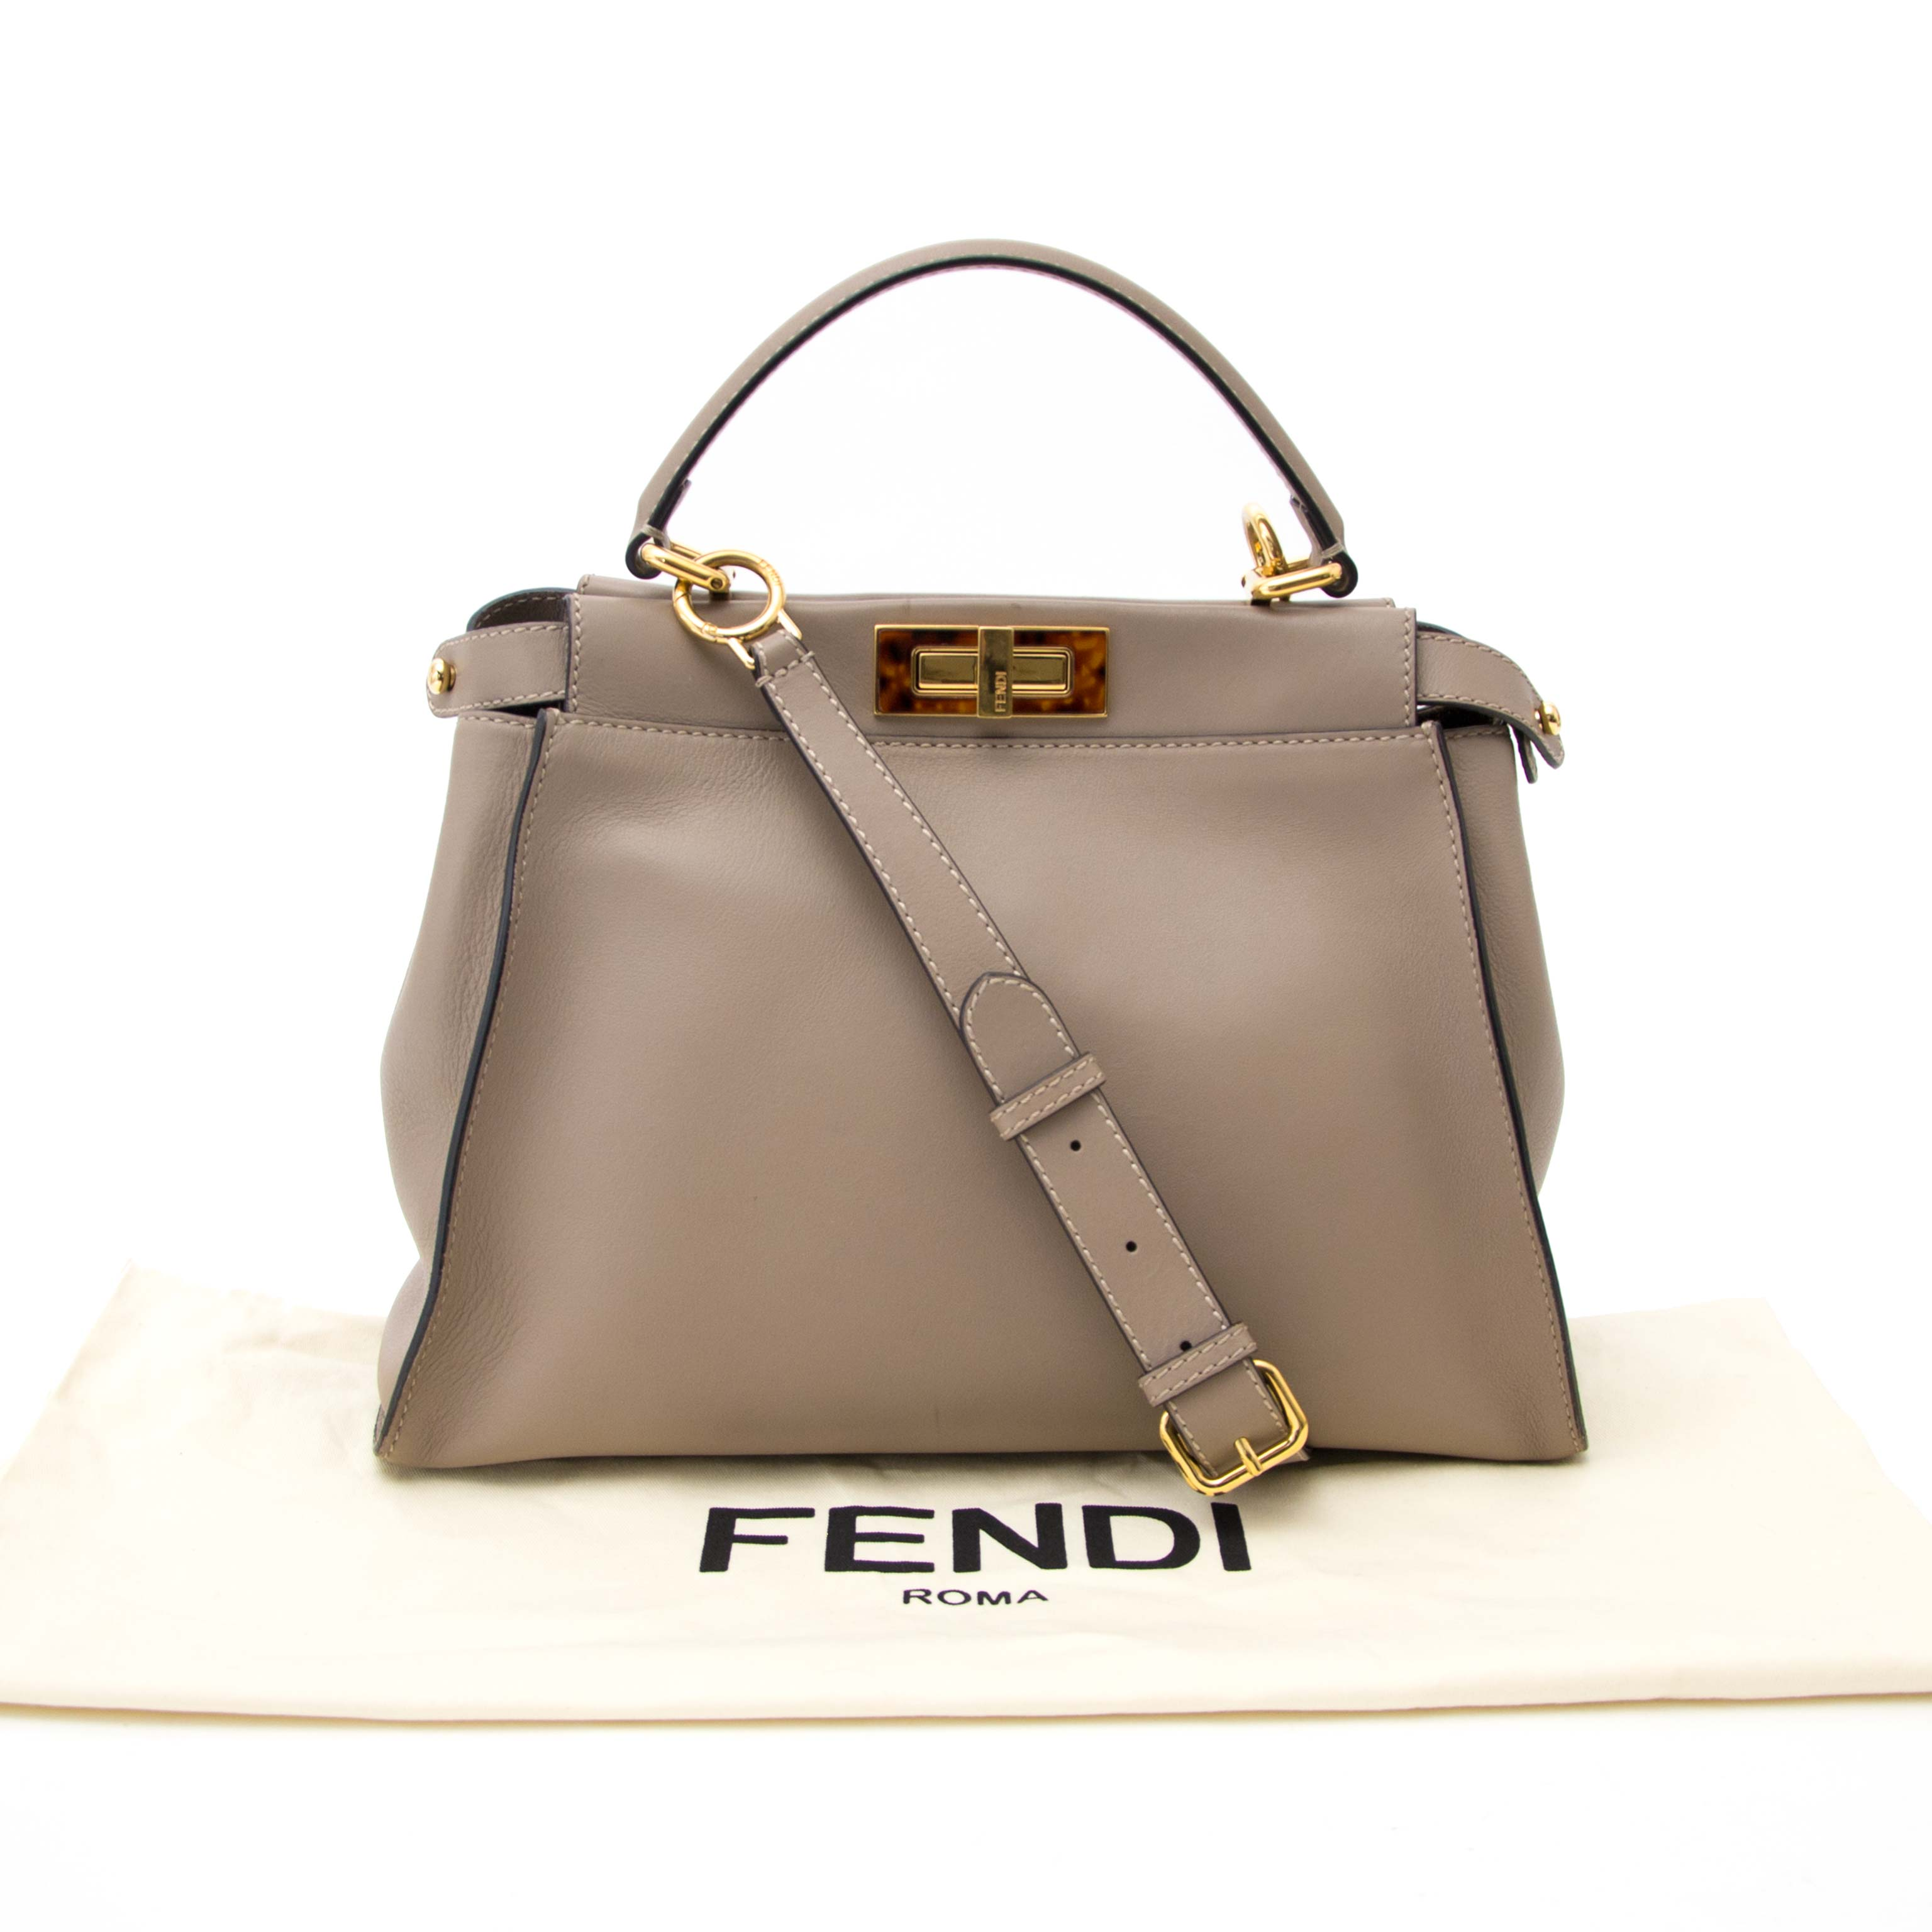 koop online aan de beste prijs Fendi Peekaboo Dove Grey Leather Handbag